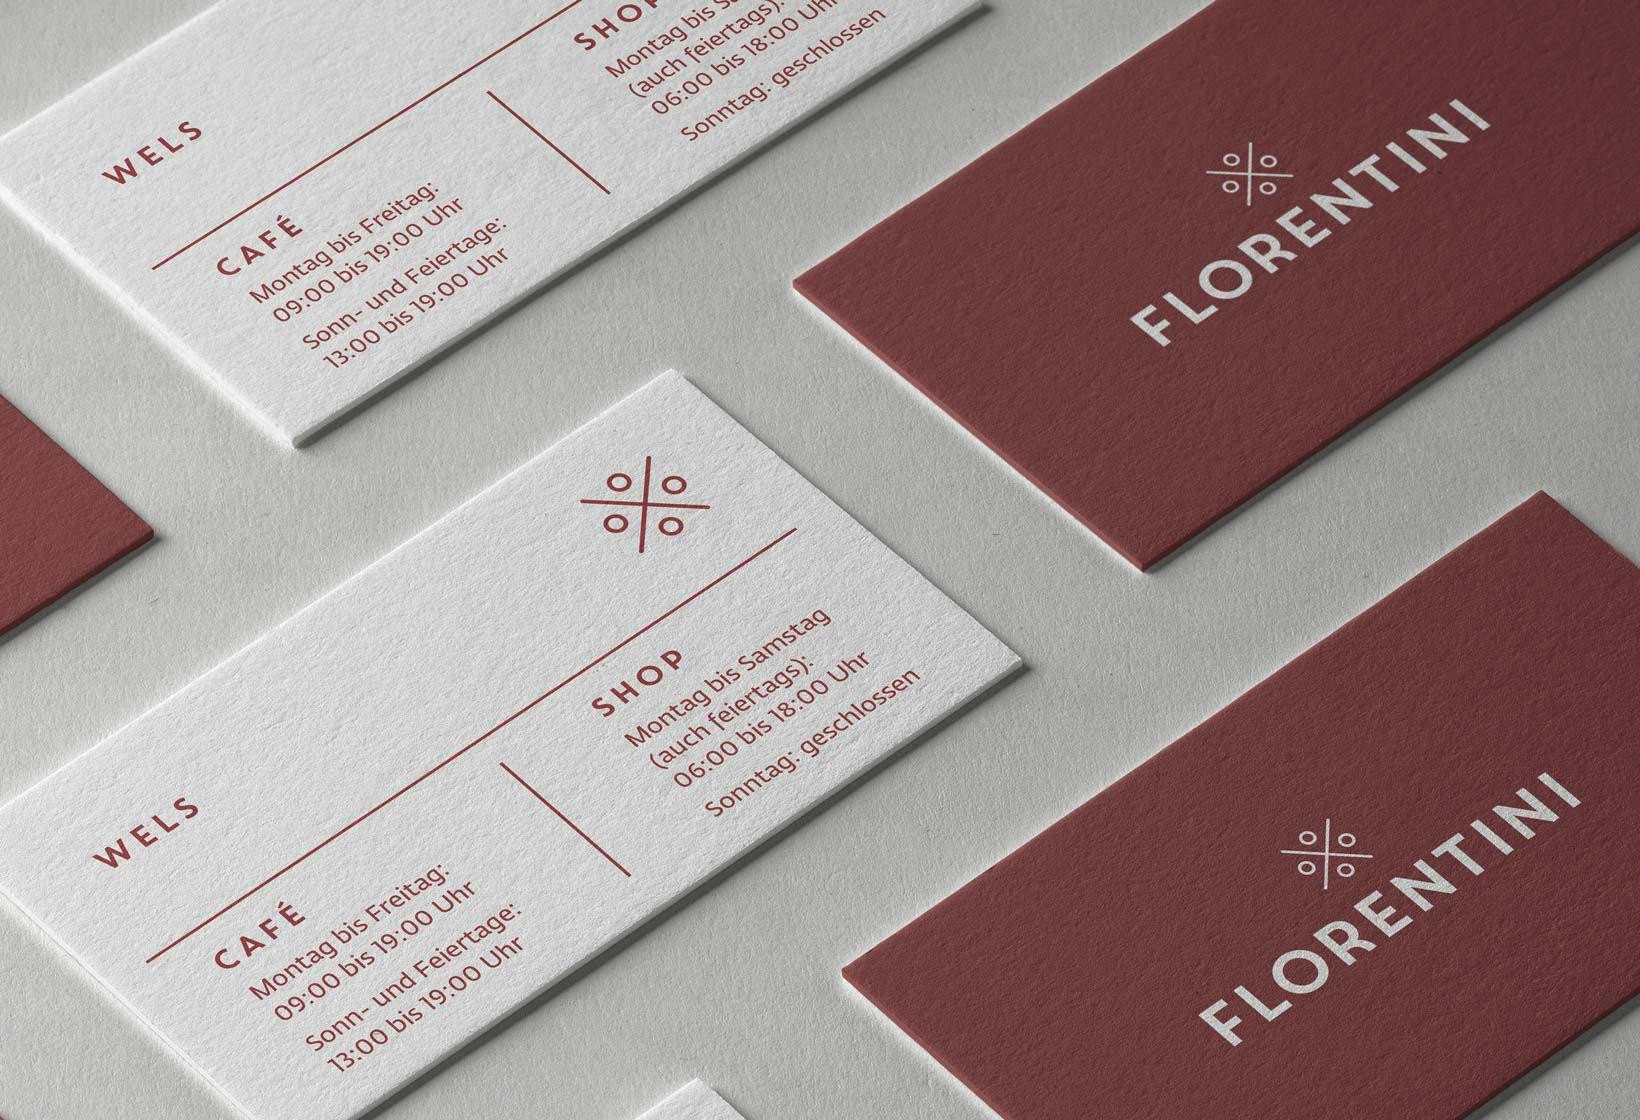 q2-werbeagentur_florentini_business-card_low